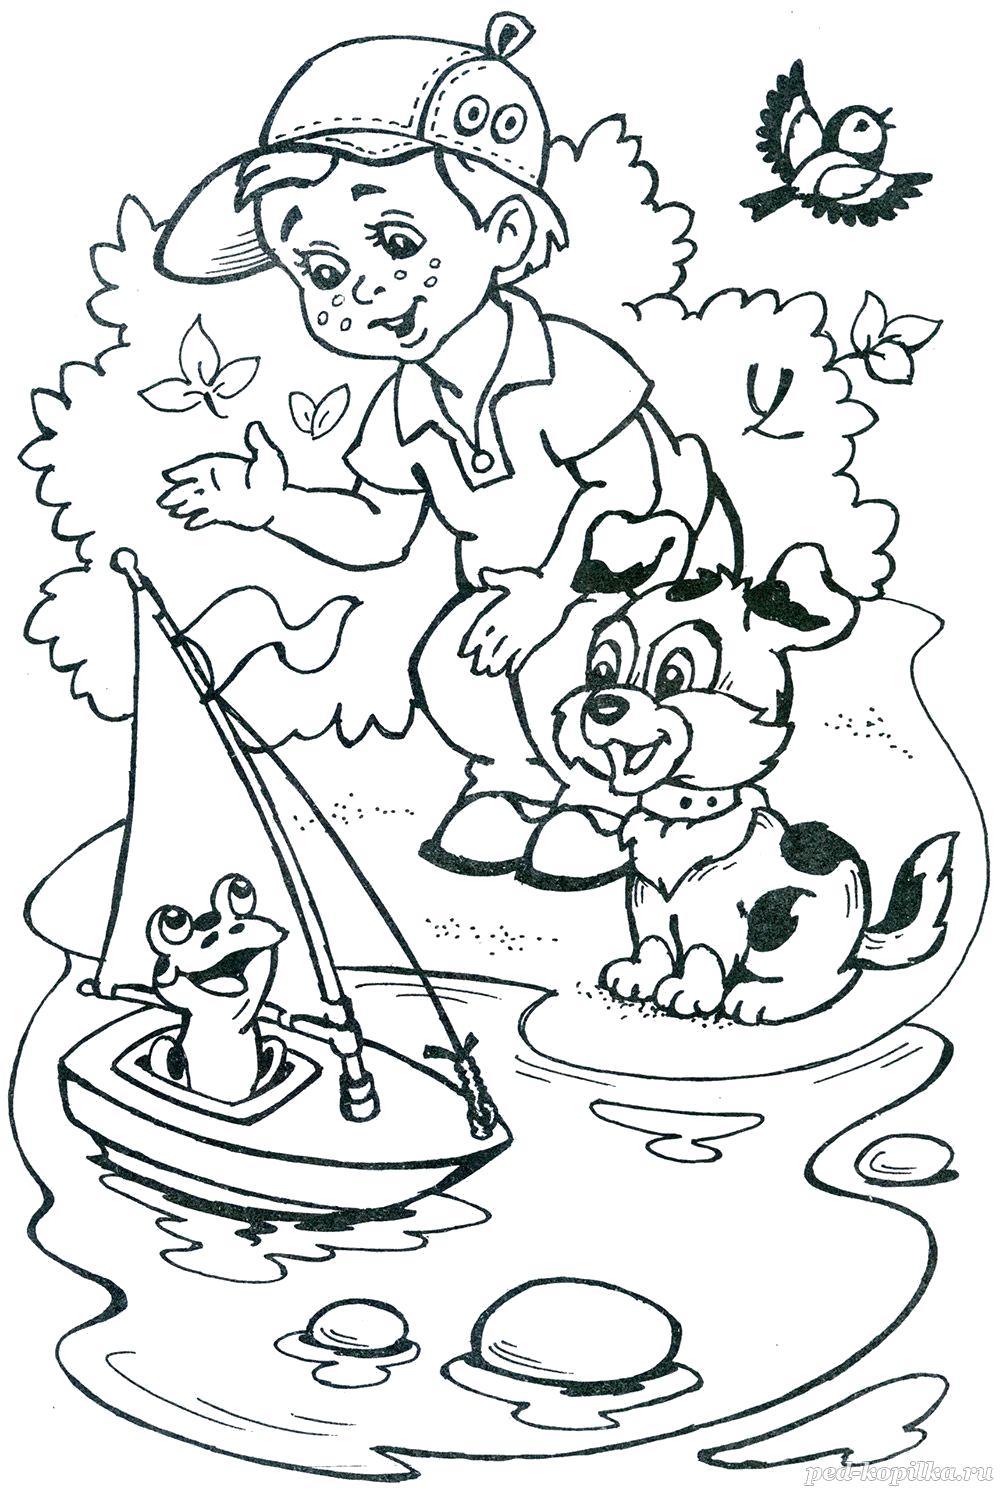 Раскраска Раскраски для детей от 5 лет на тему Лето. Мальчик с собакой запускает кораблик в пруду. Лето